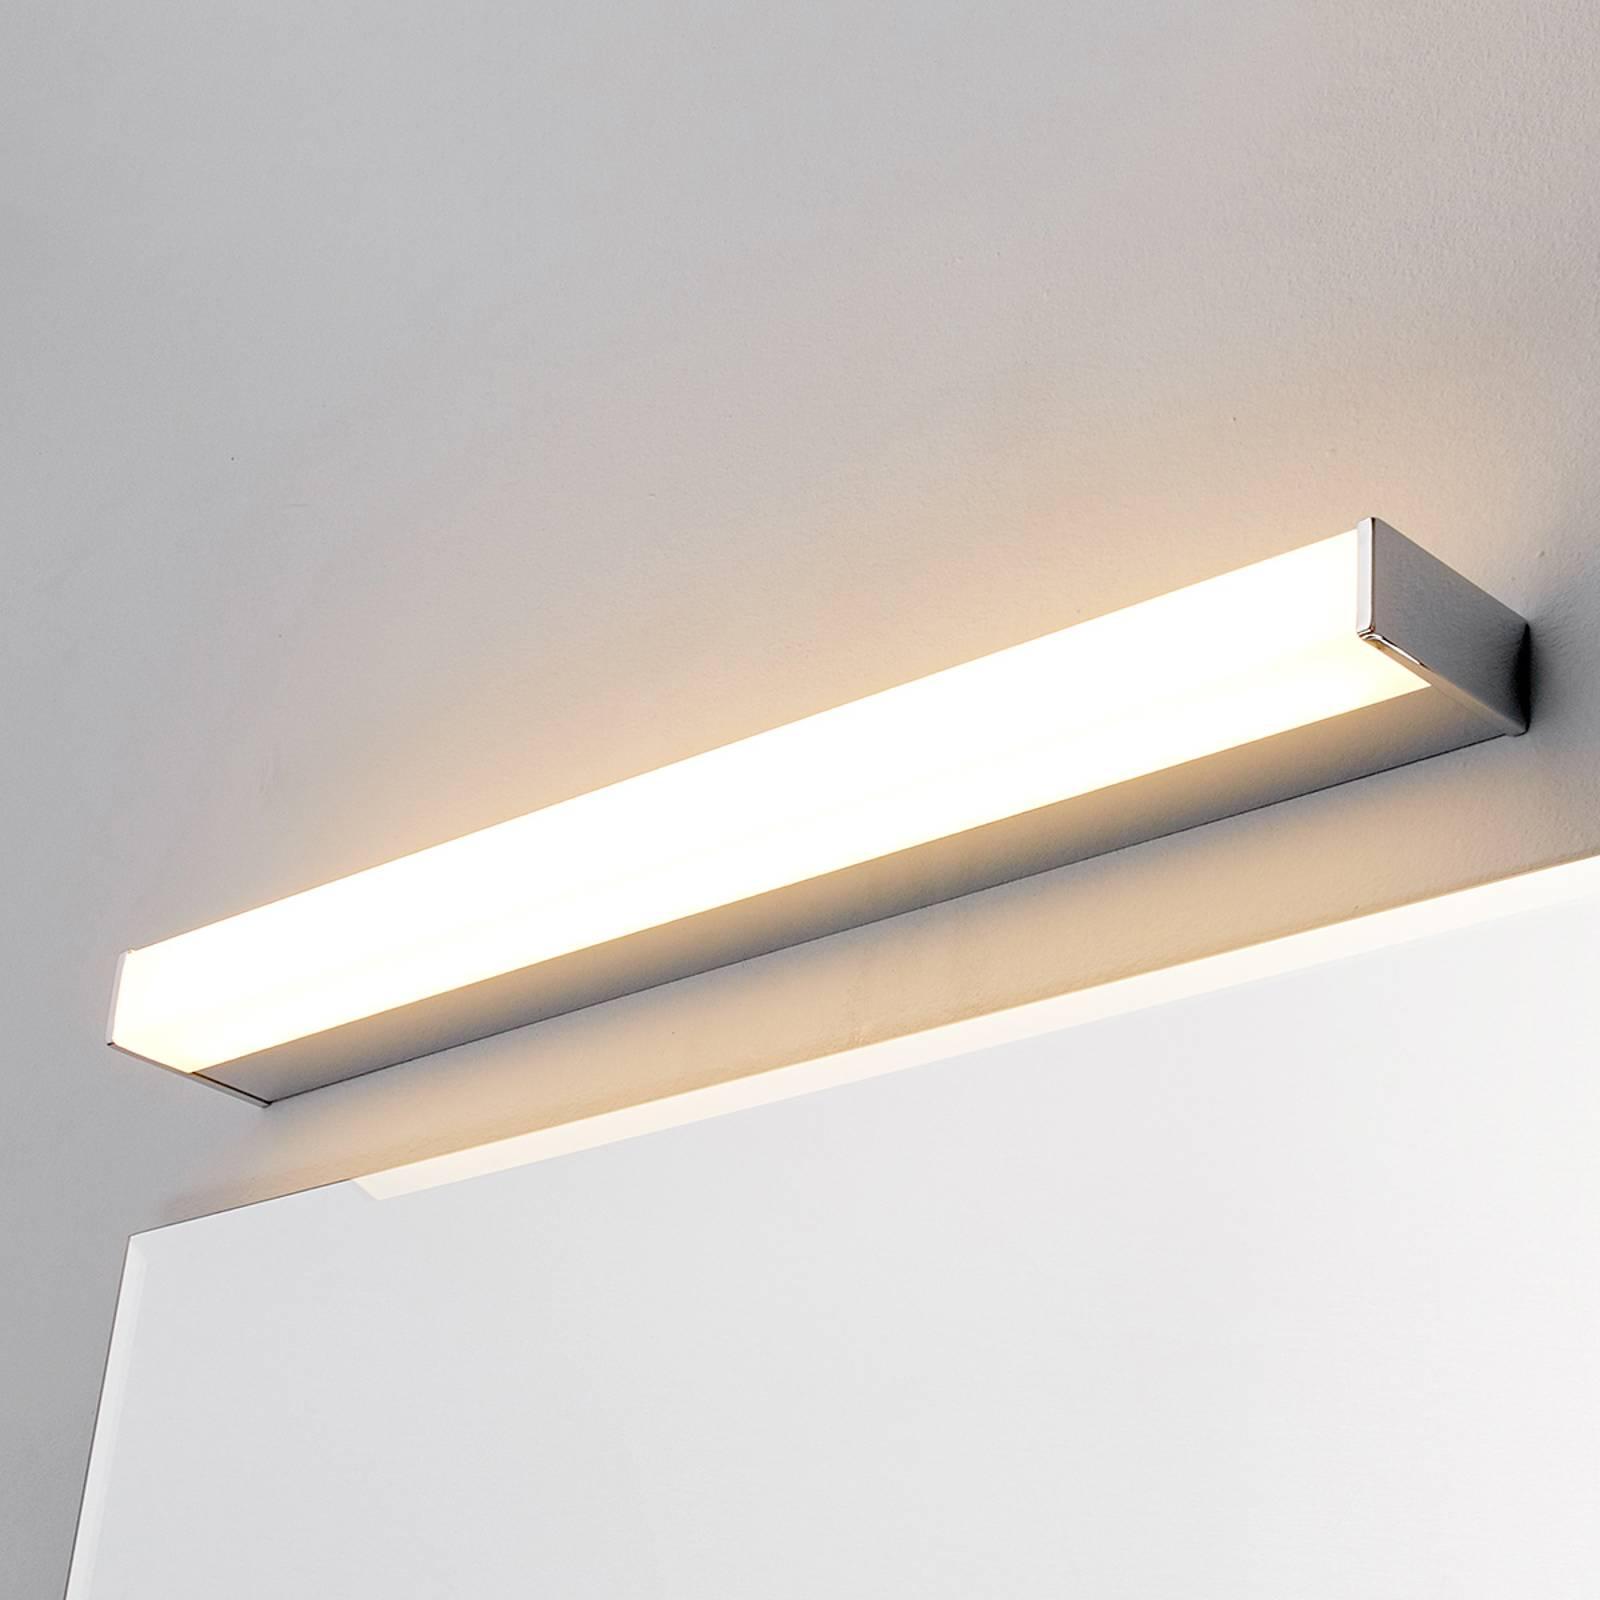 LED-kylpyhuone ja peilivalo Philippa kulmikas 58cm